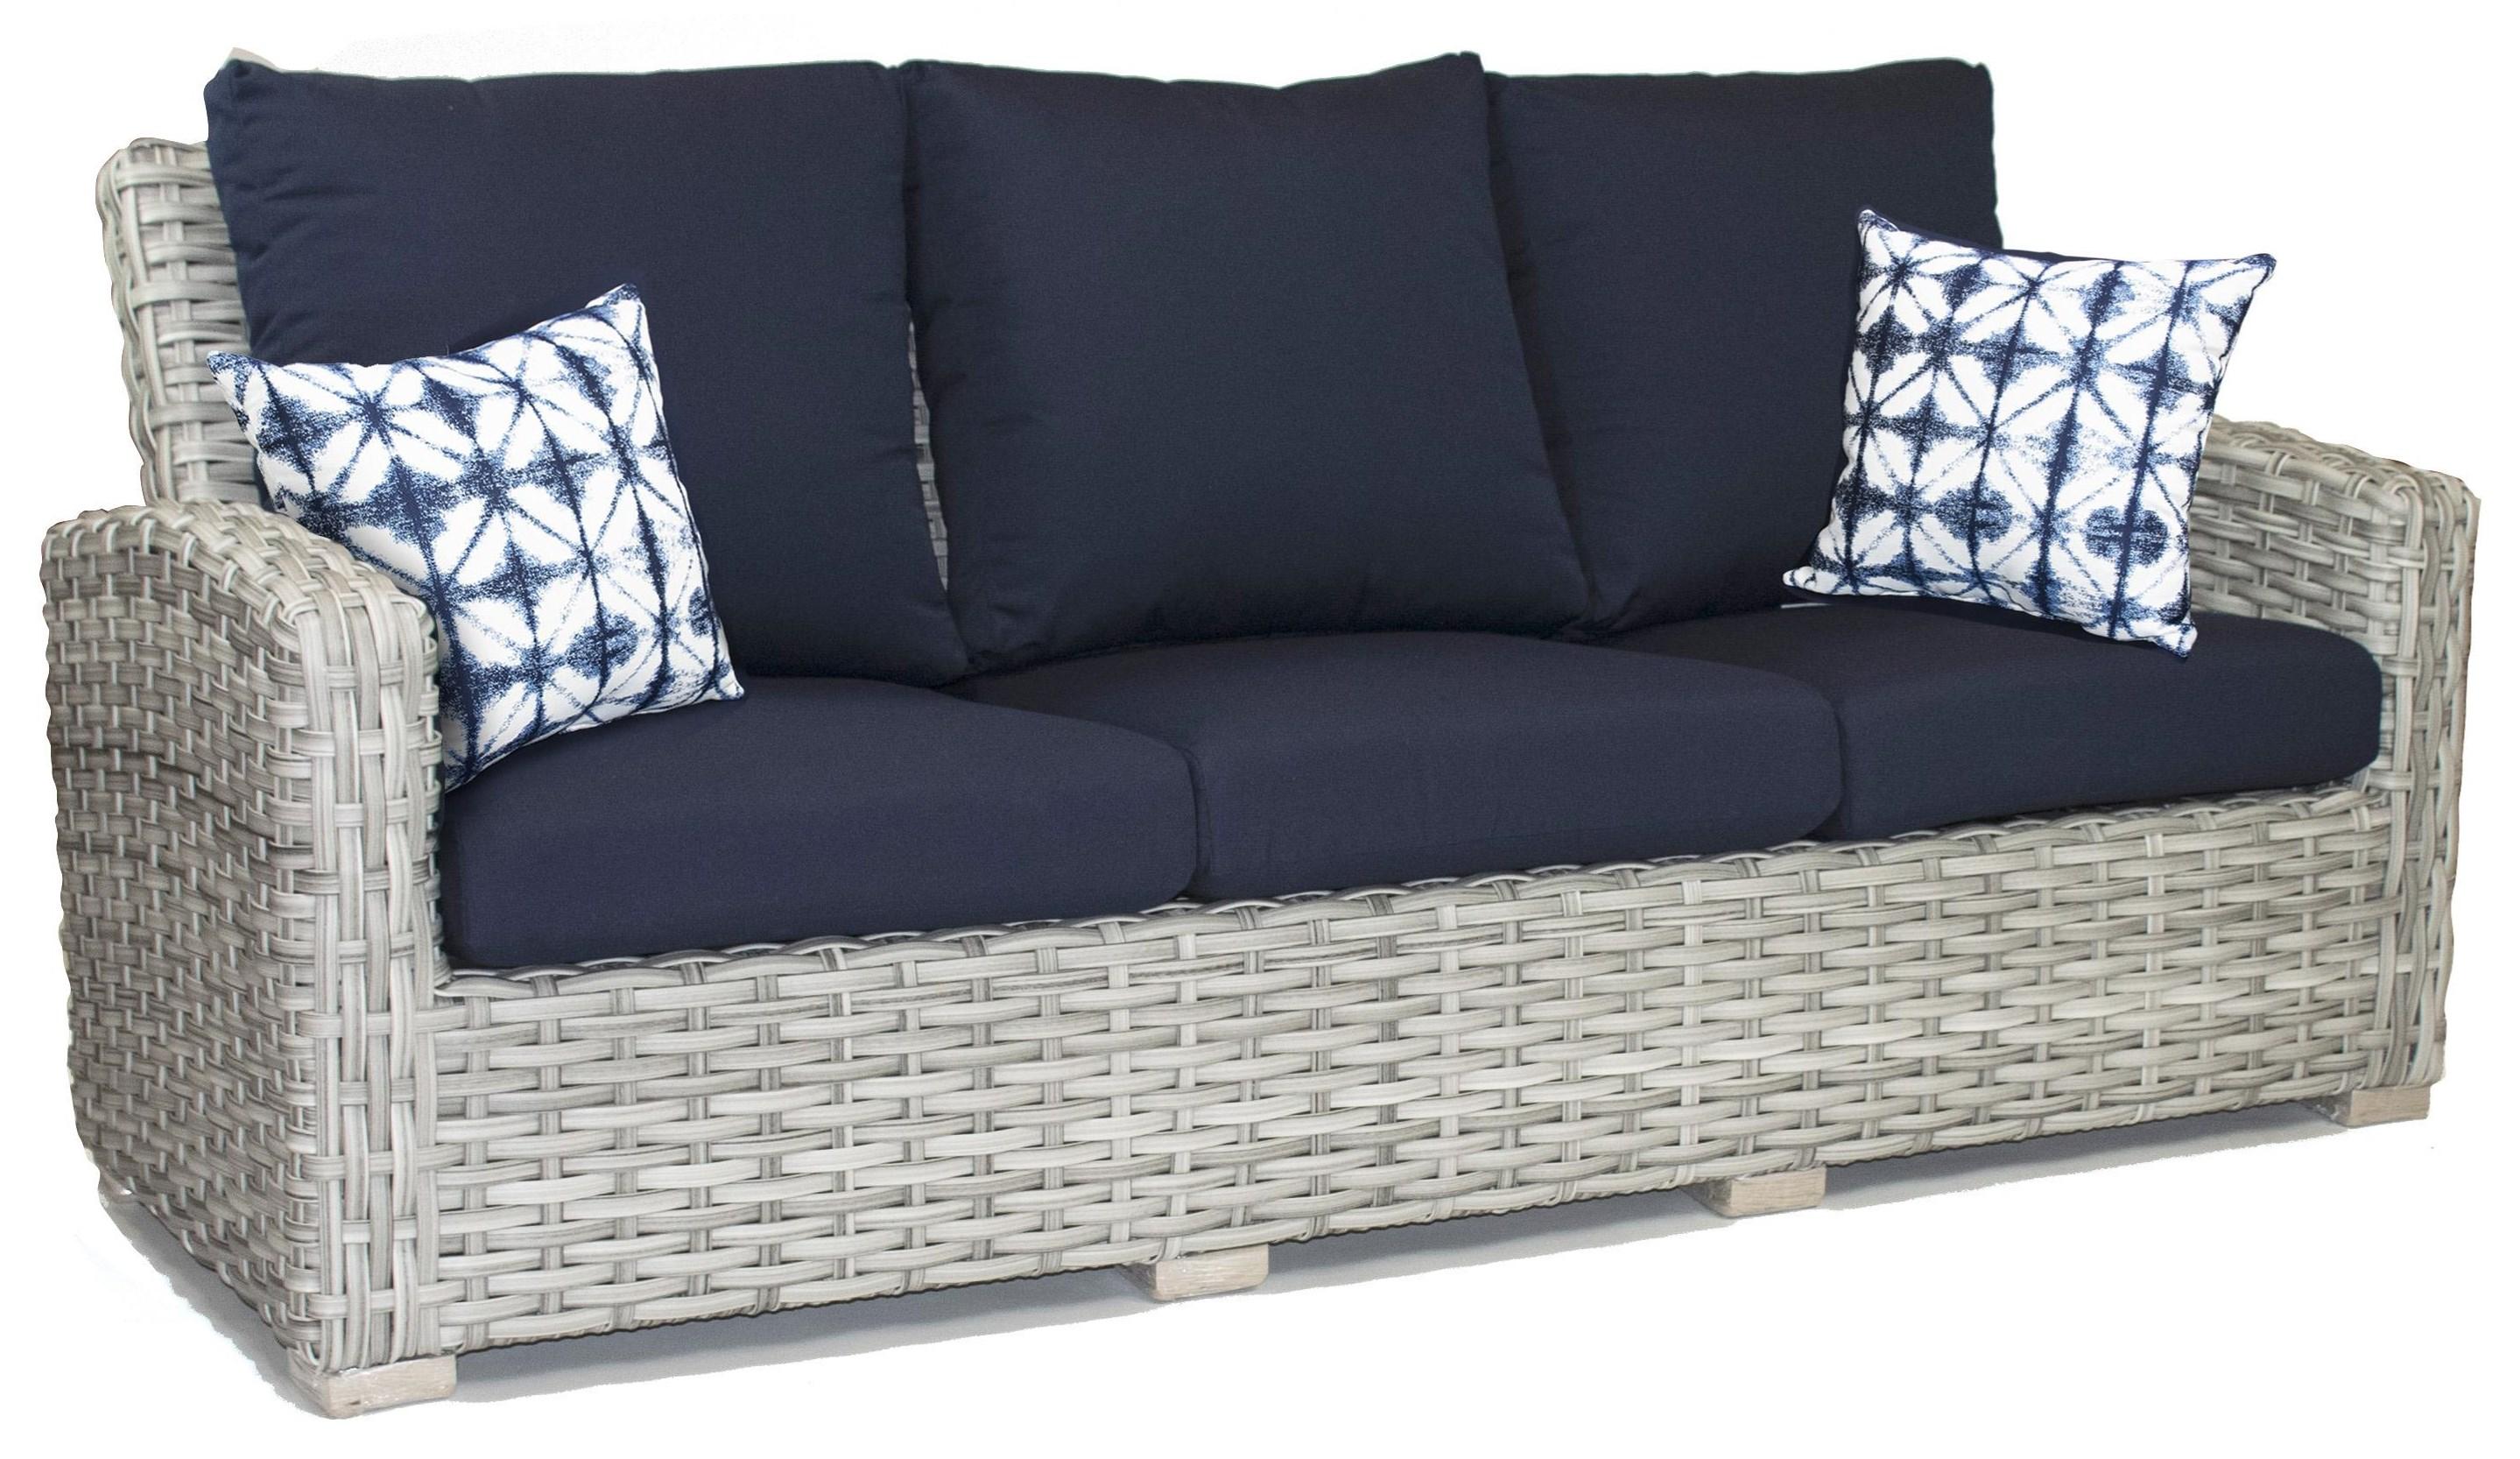 Crown Garden Sofa by Crown Garden Furniture at Johnny Janosik